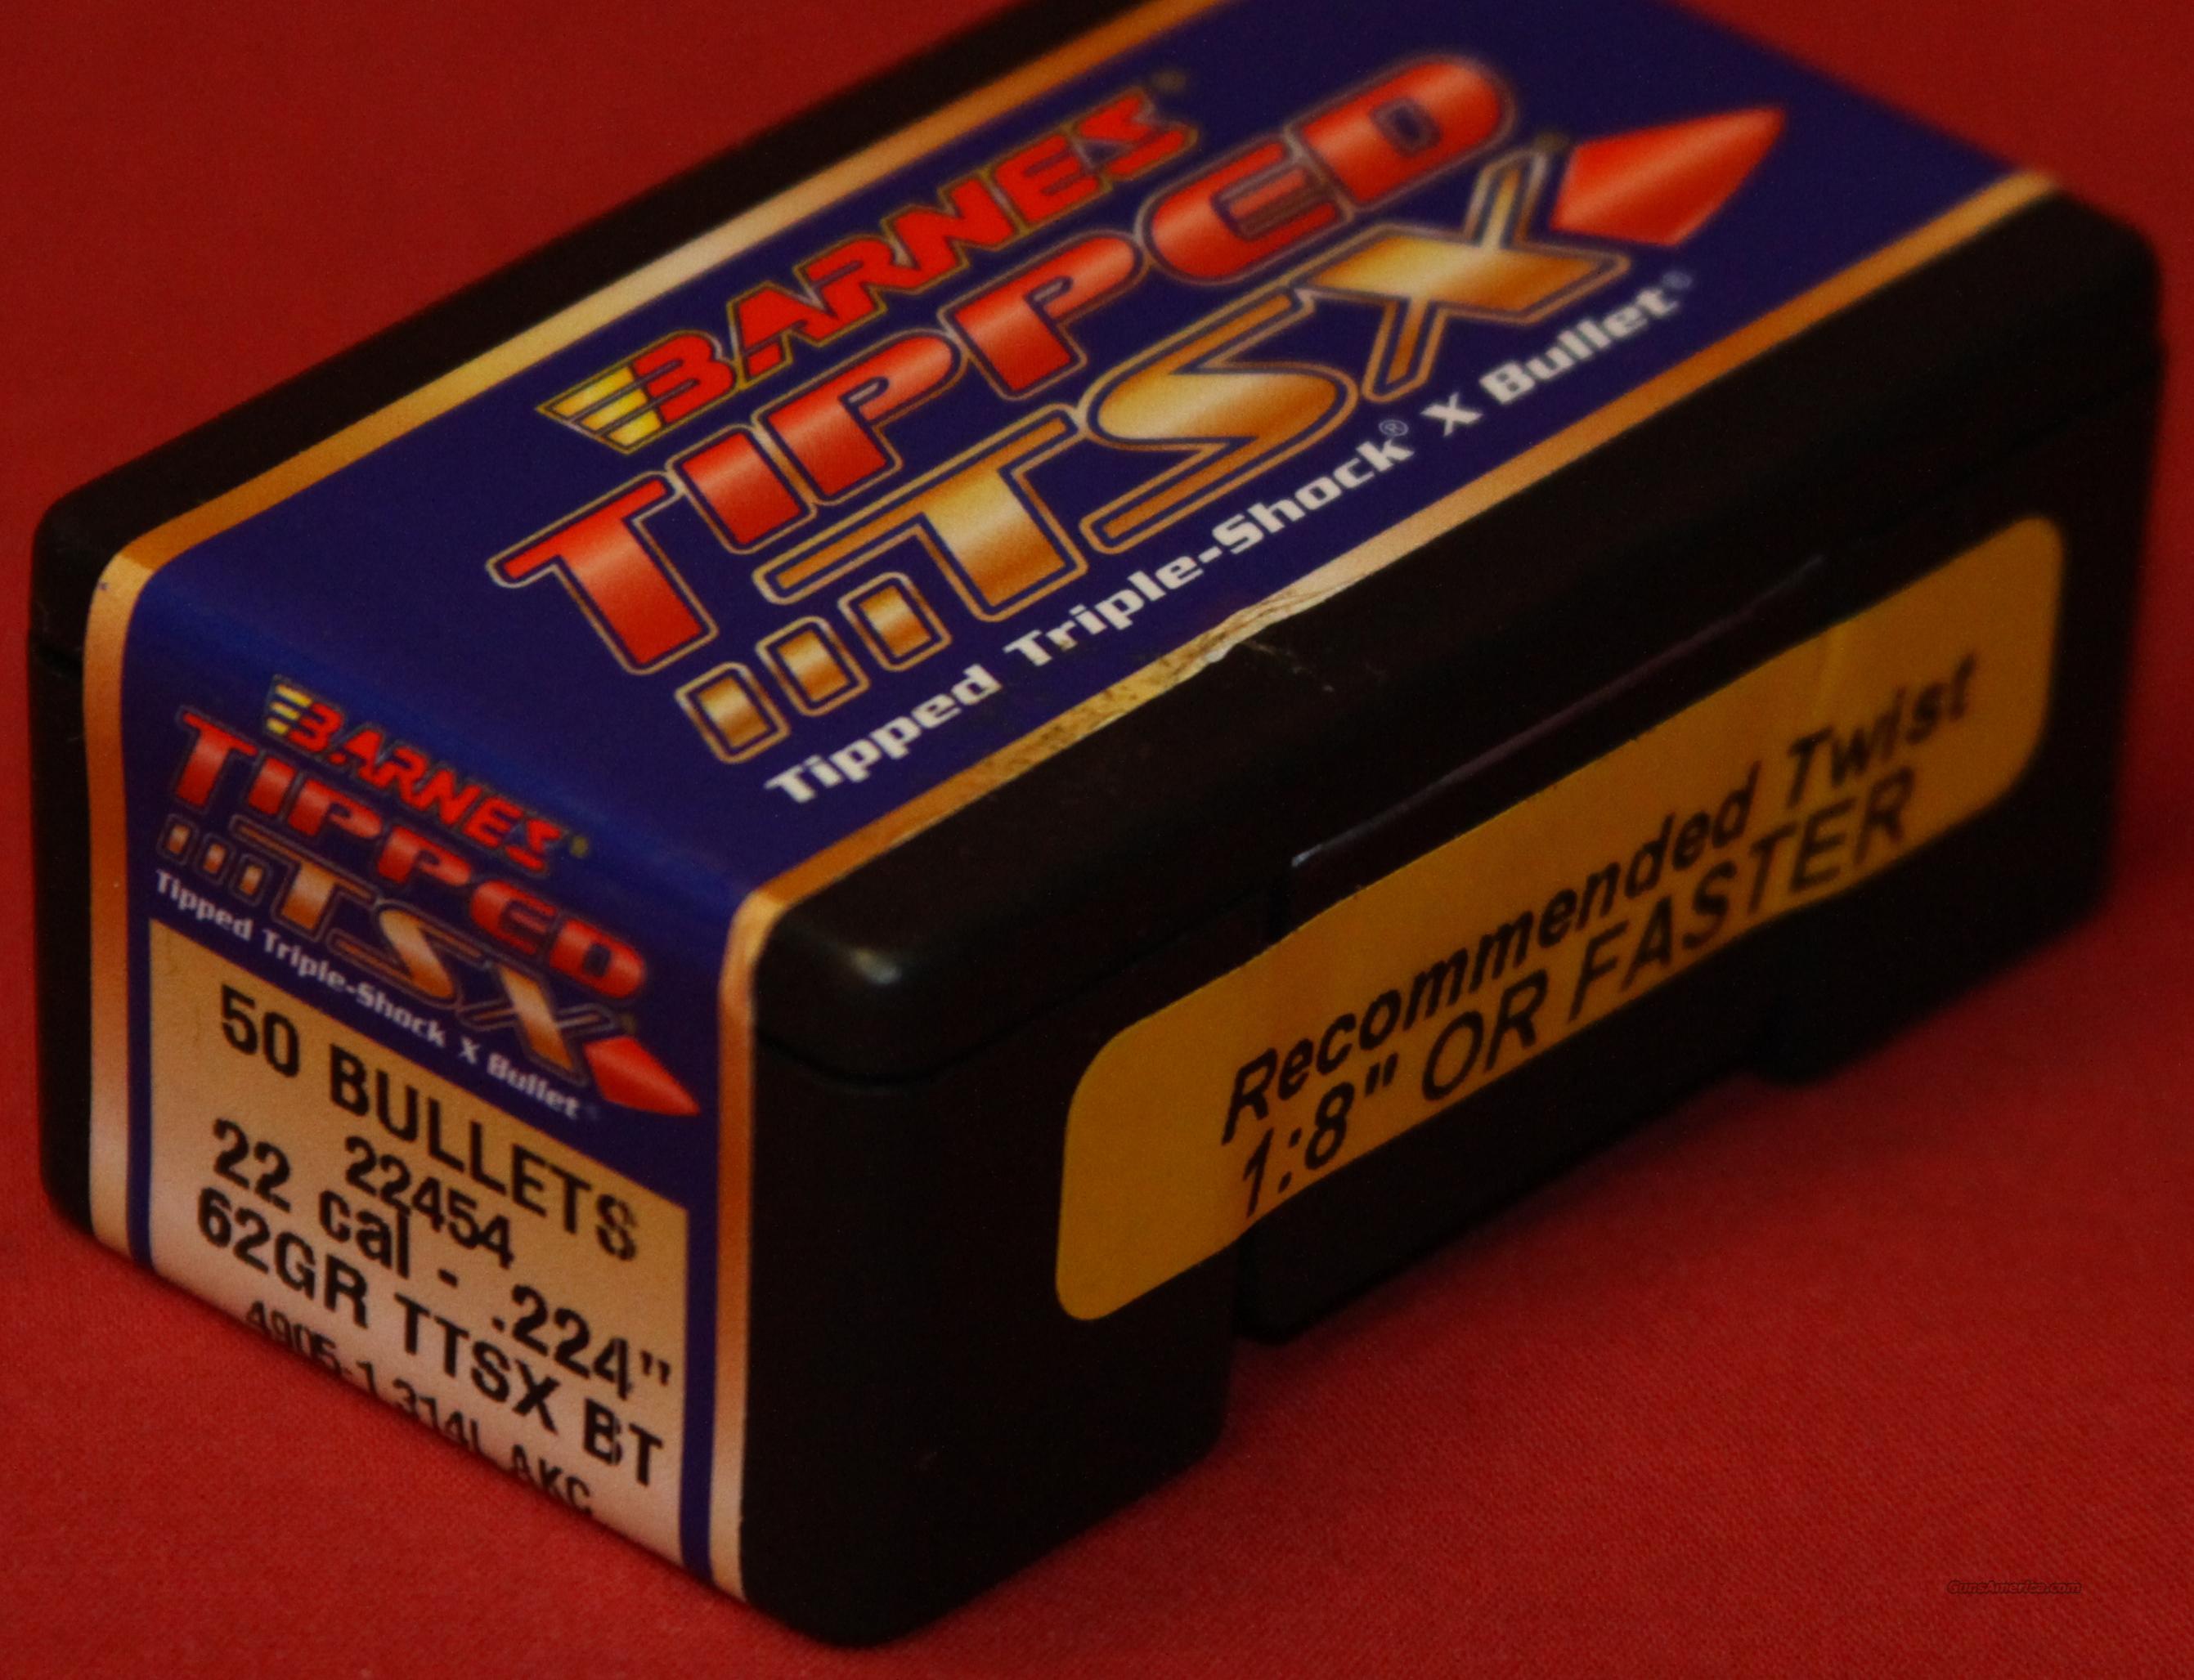 Barnes 62gr. TTSX BT .224 bullets. for sale